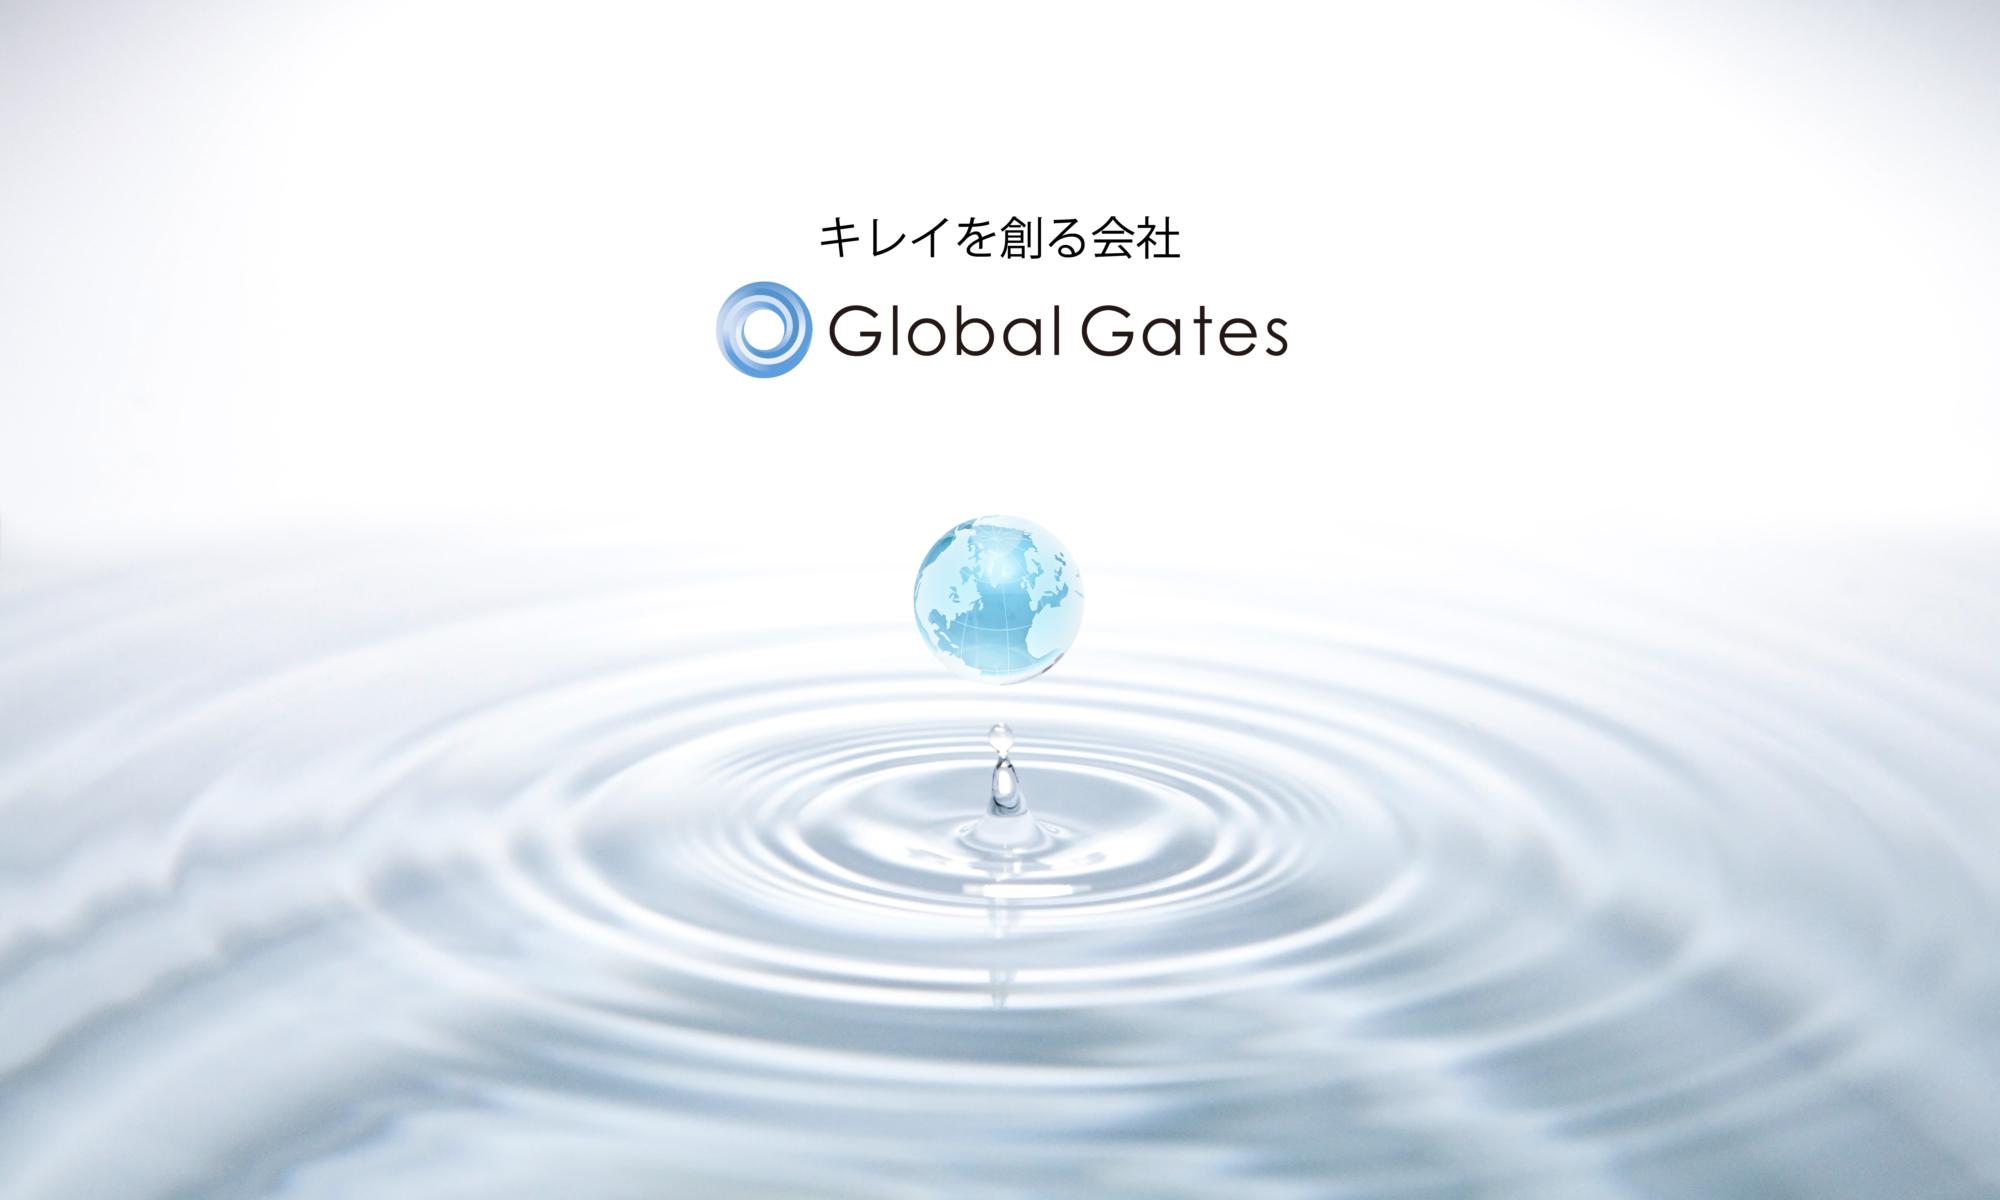 株式会社グローバルゲイツ~Global Gates Co.,Ltd.~